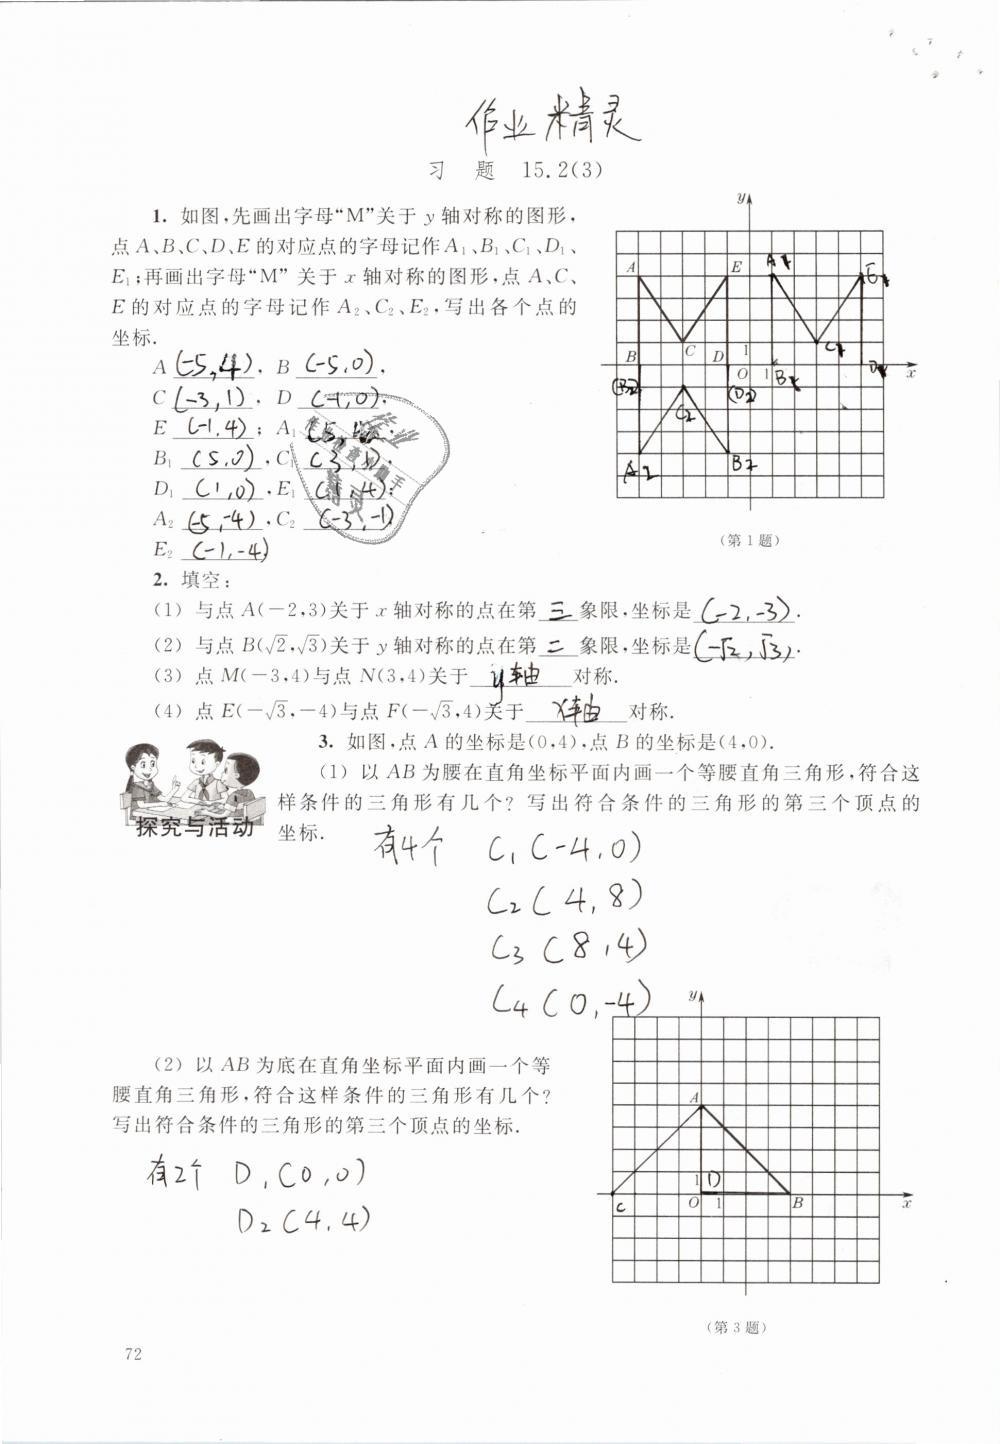 2019年数学练习部分七年级第二学期第72页